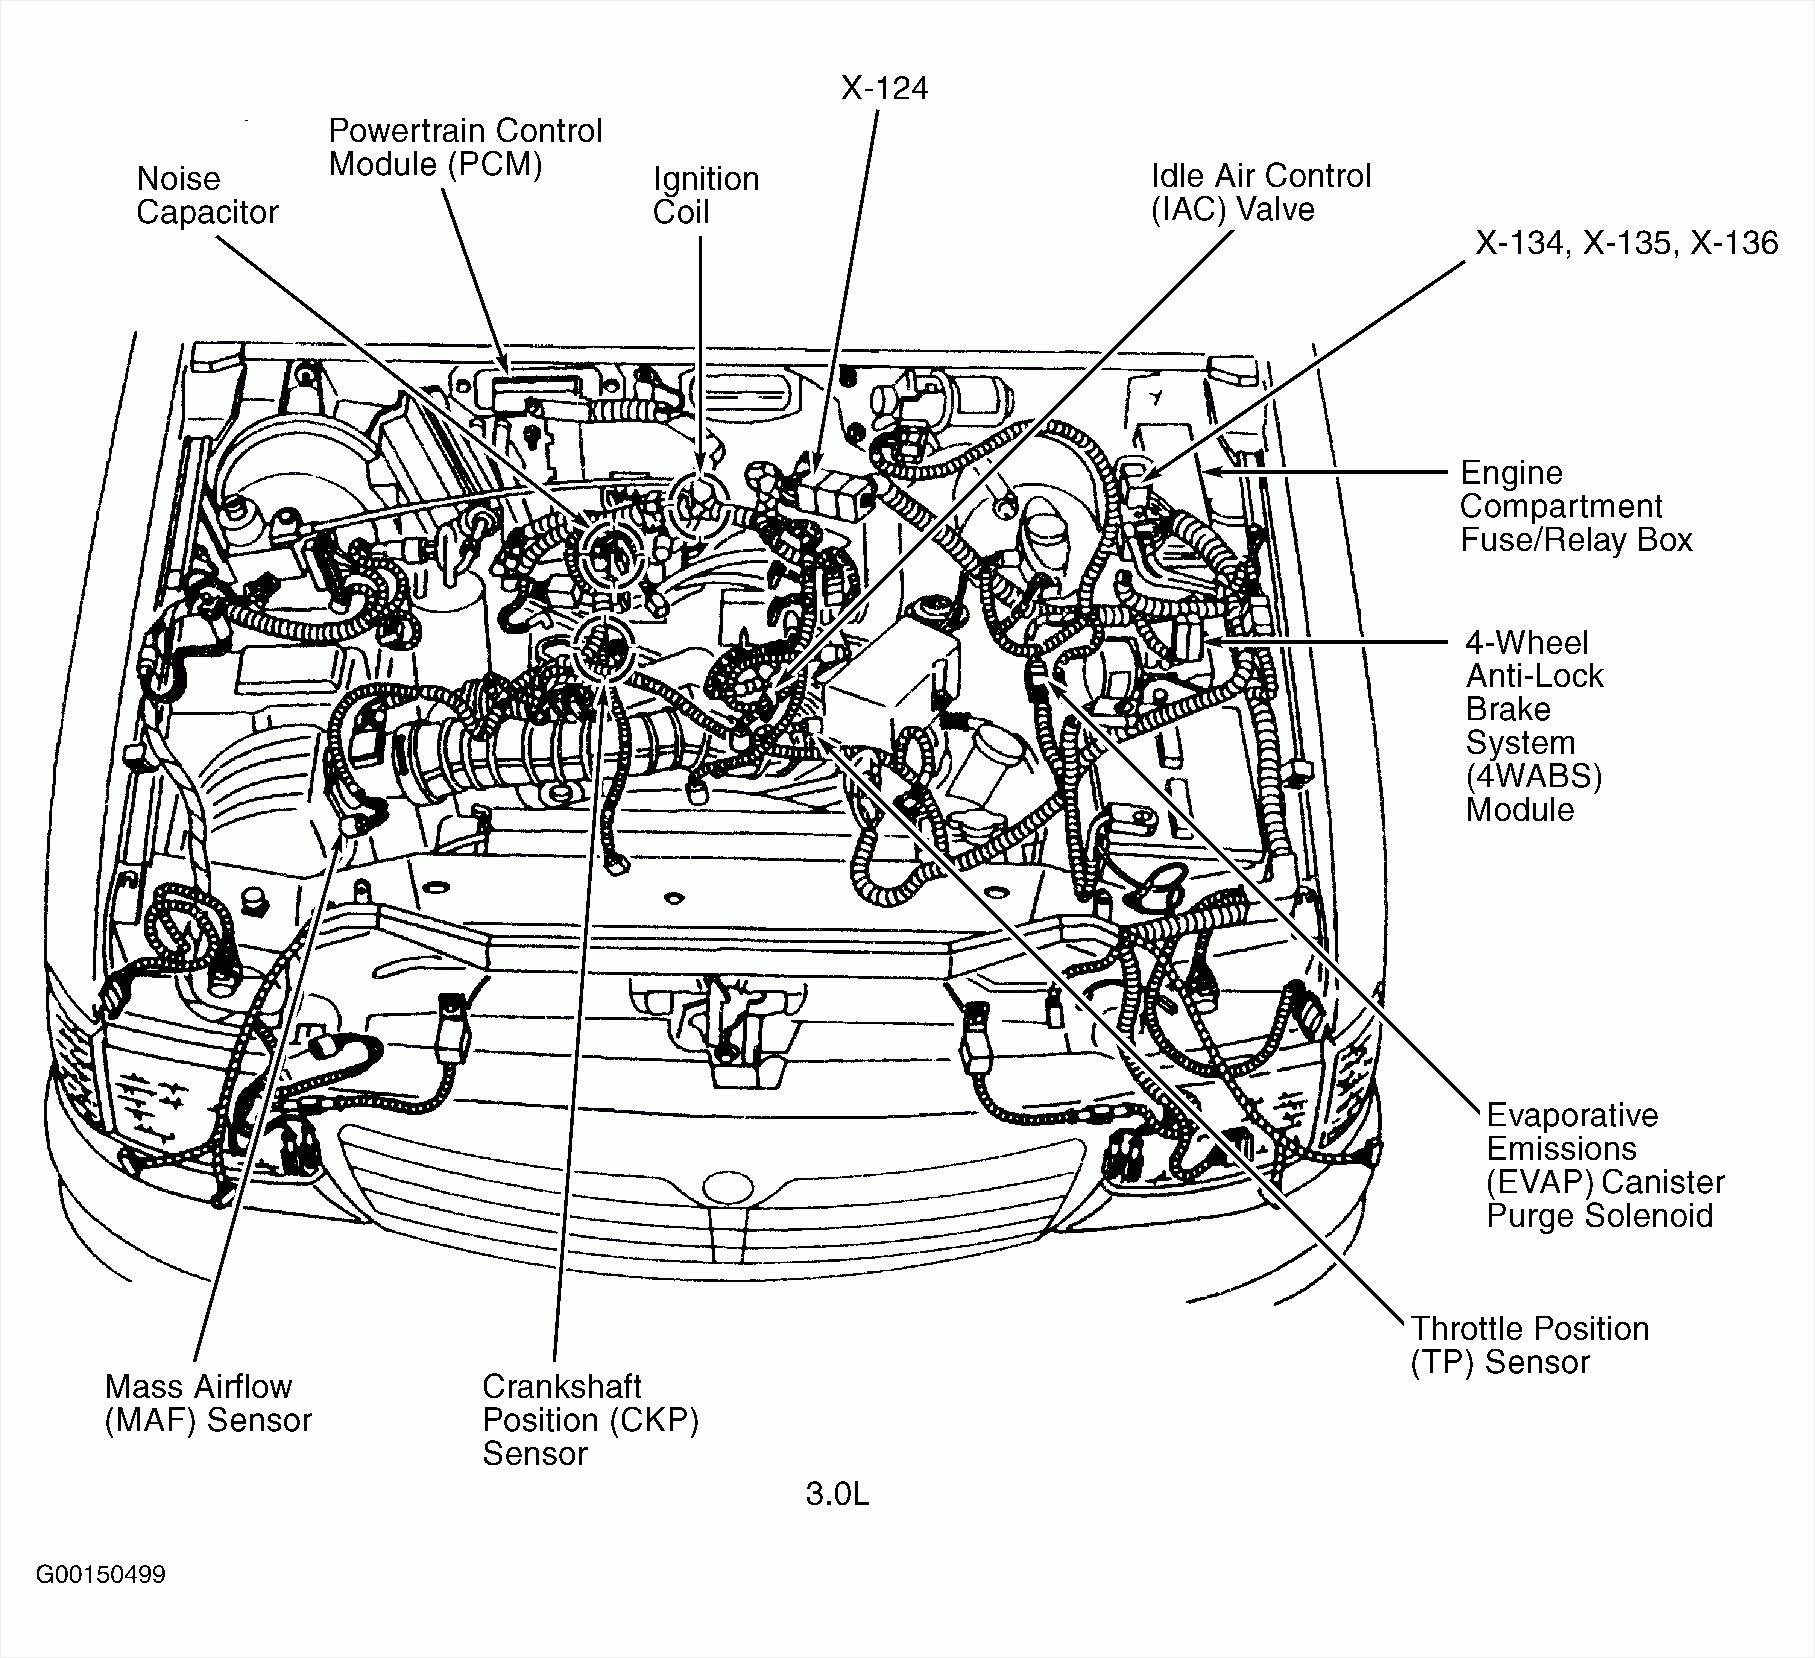 Ford Flex V6 3 0 Engine Diagram Lights Wiring Diagram For Bedroom Bege Wiring Diagram